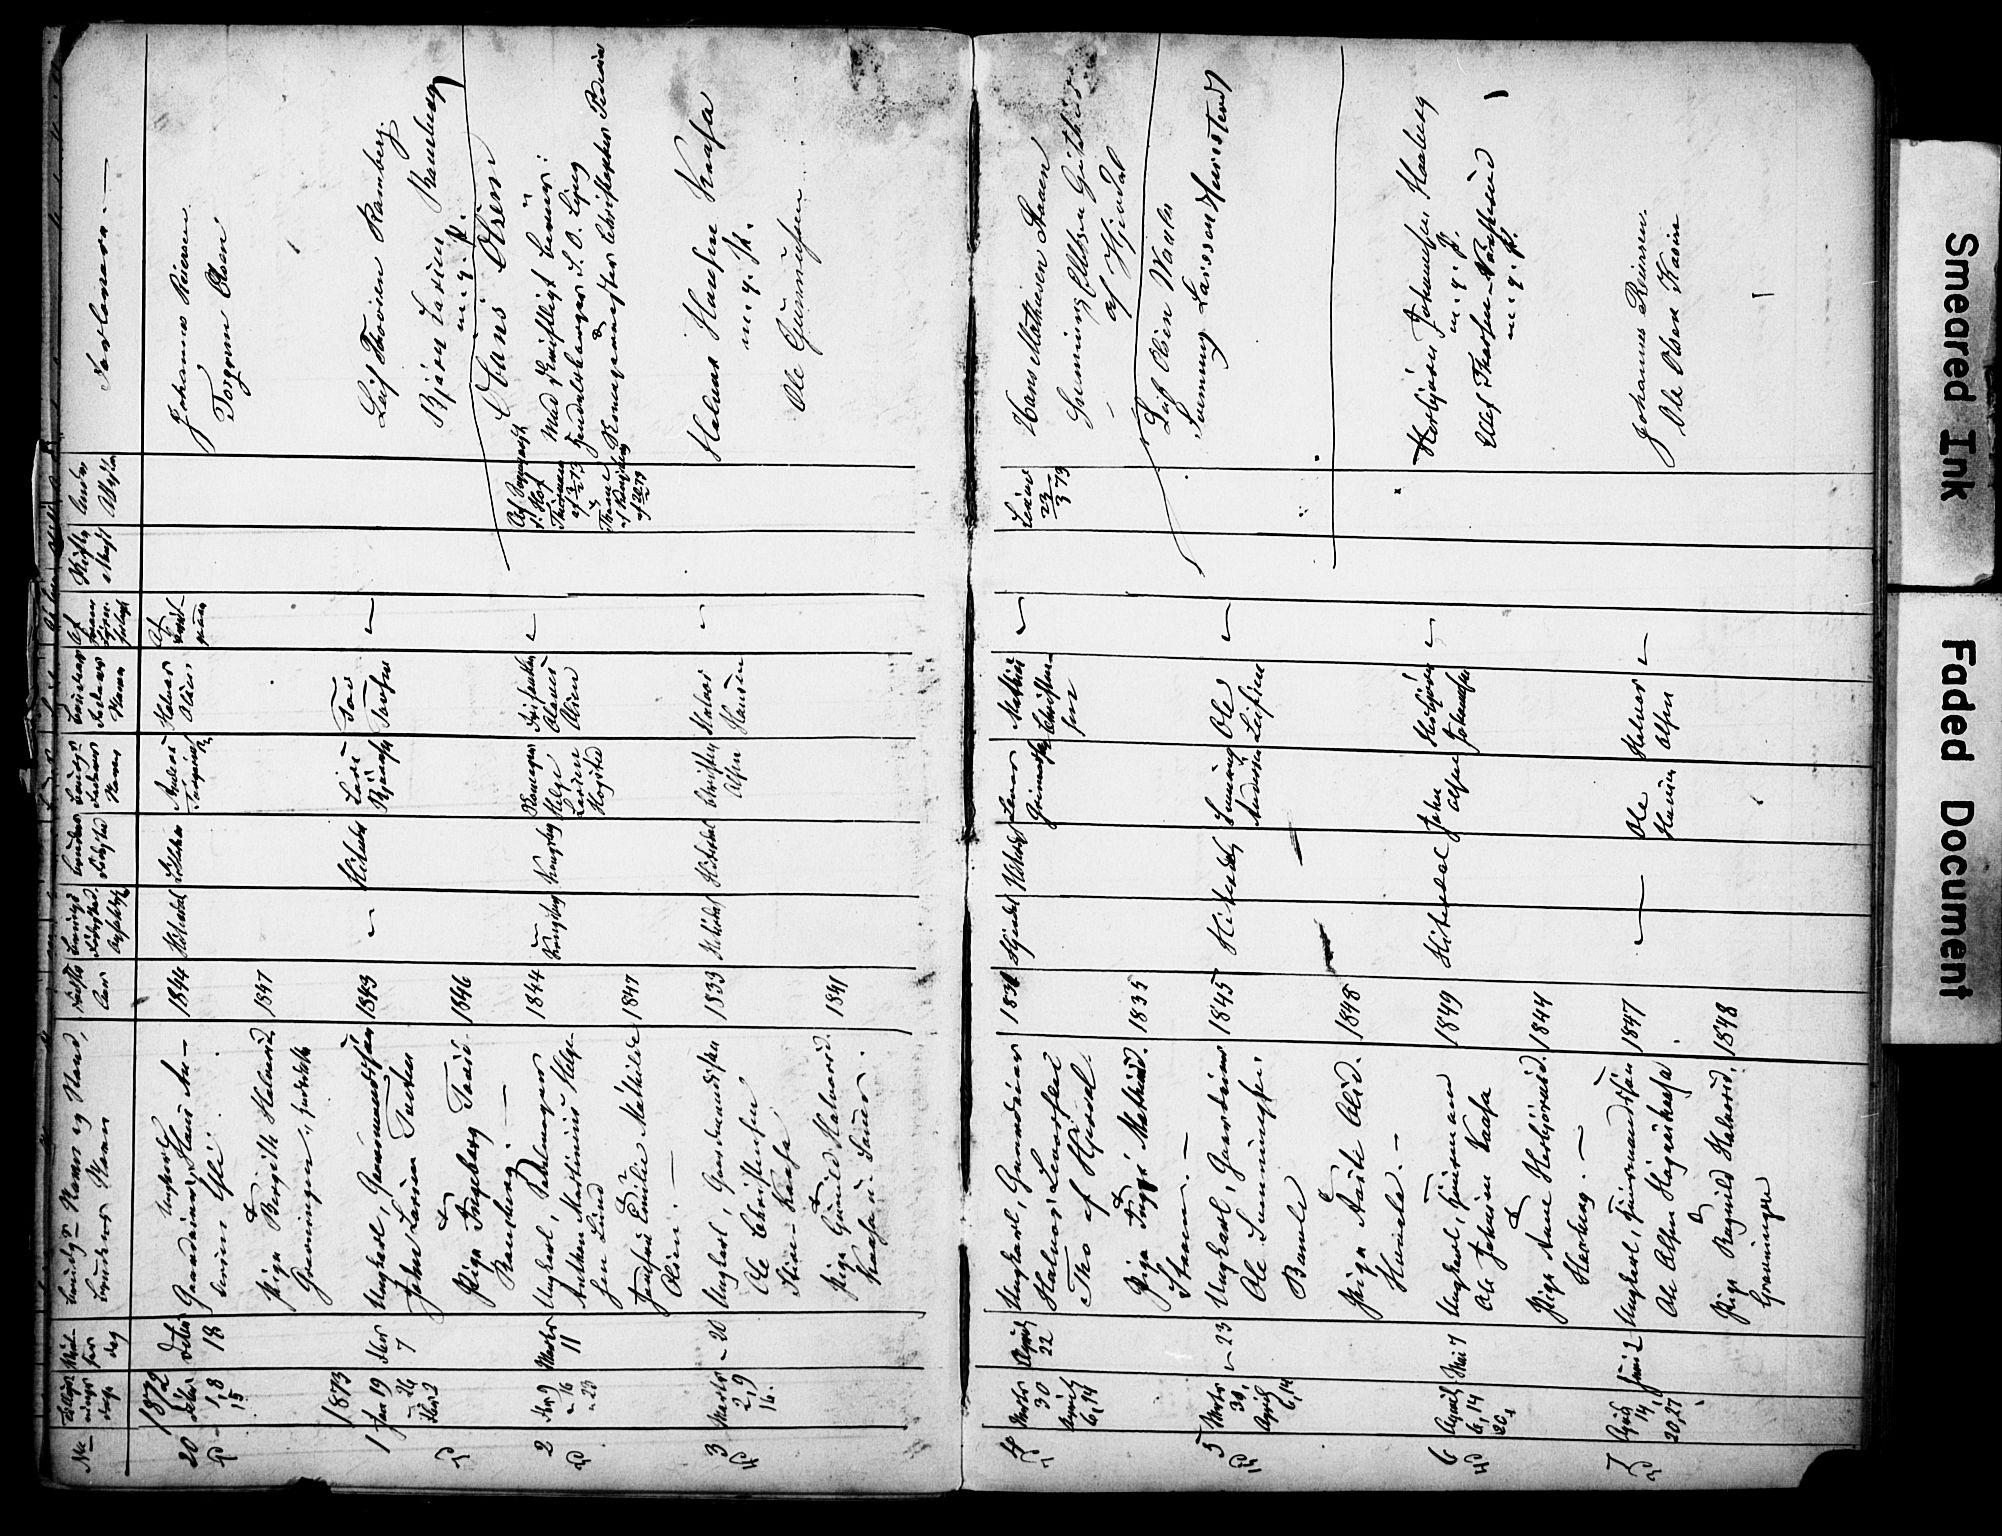 SAKO, Heddal kirkebøker, H/Ha/L0001: Lysningsprotokoll nr. 1, 1865-1918